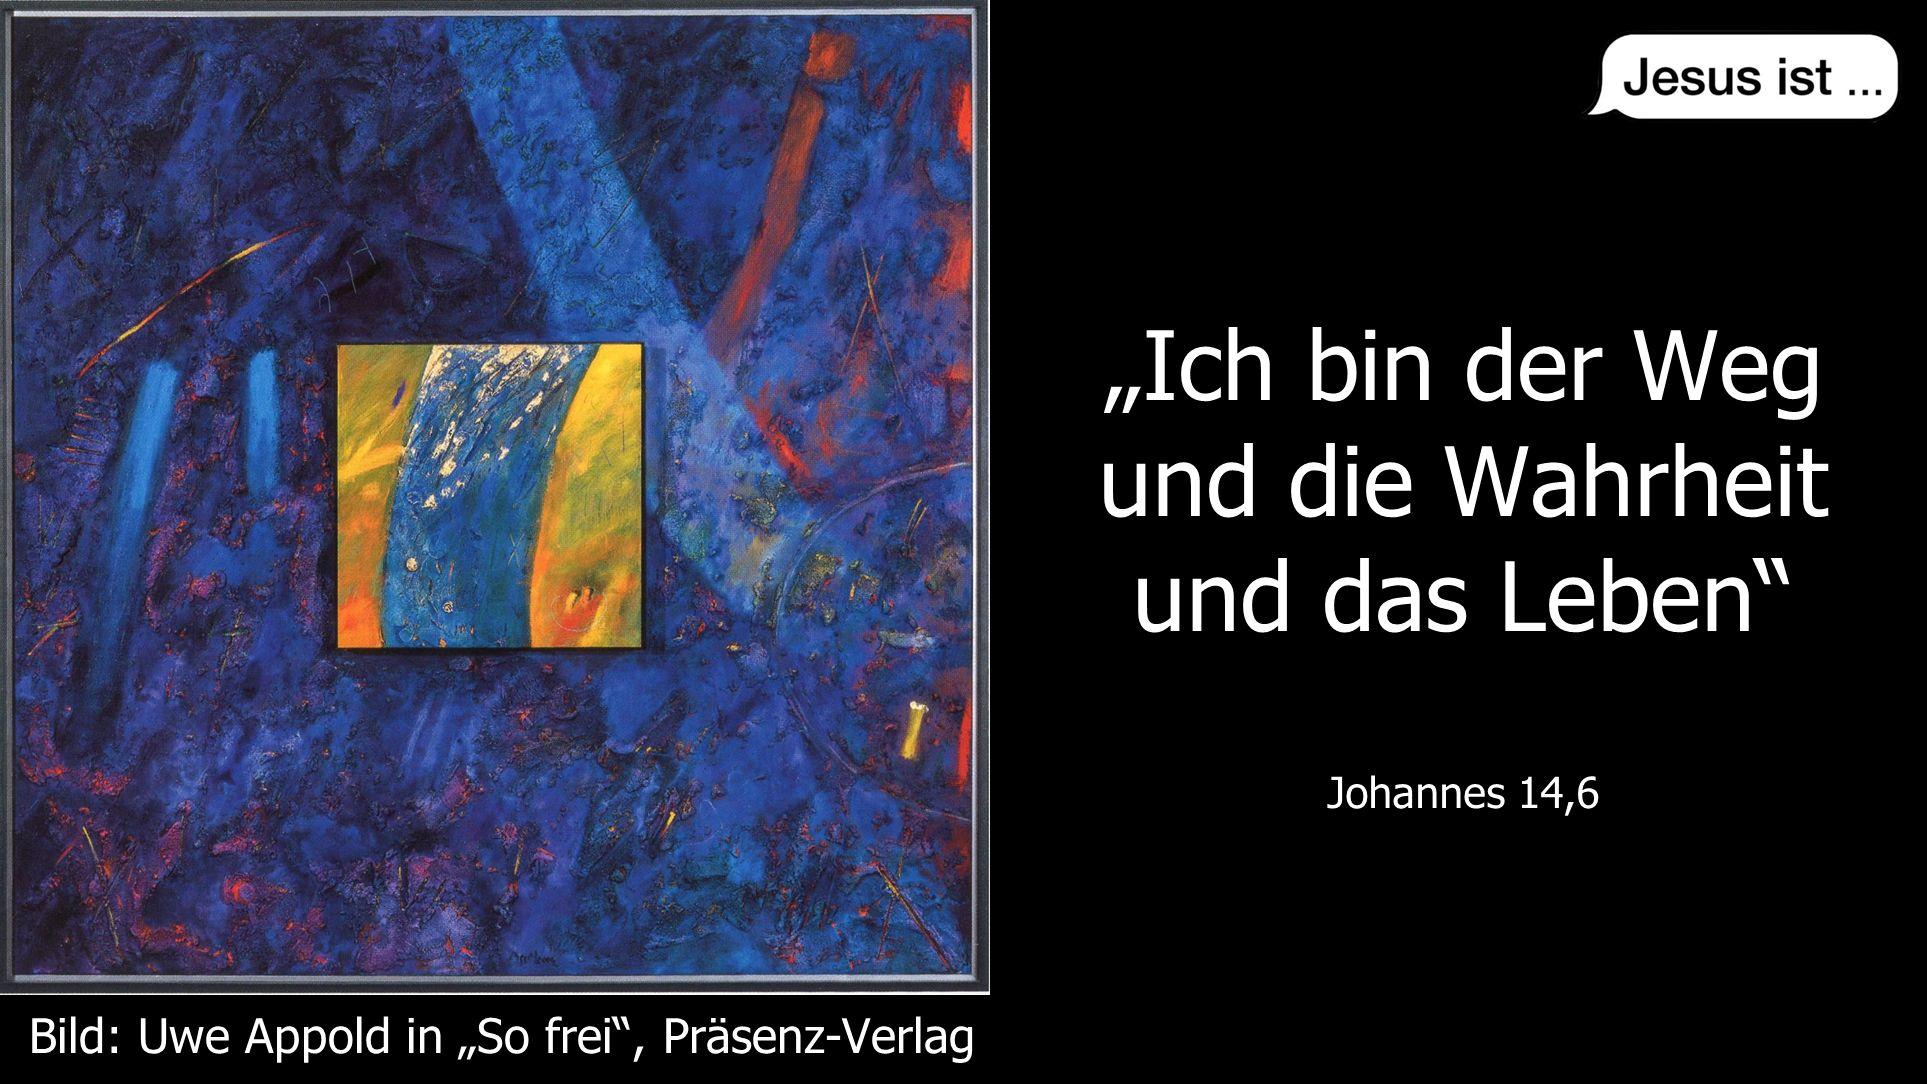 """"""" Johannes 14,6 """"Ich bin der Weg und die Wahrheit und das Leben Johannes 14,6 Bild: Uwe Appold in """"So frei , Präsenz-Verlag"""